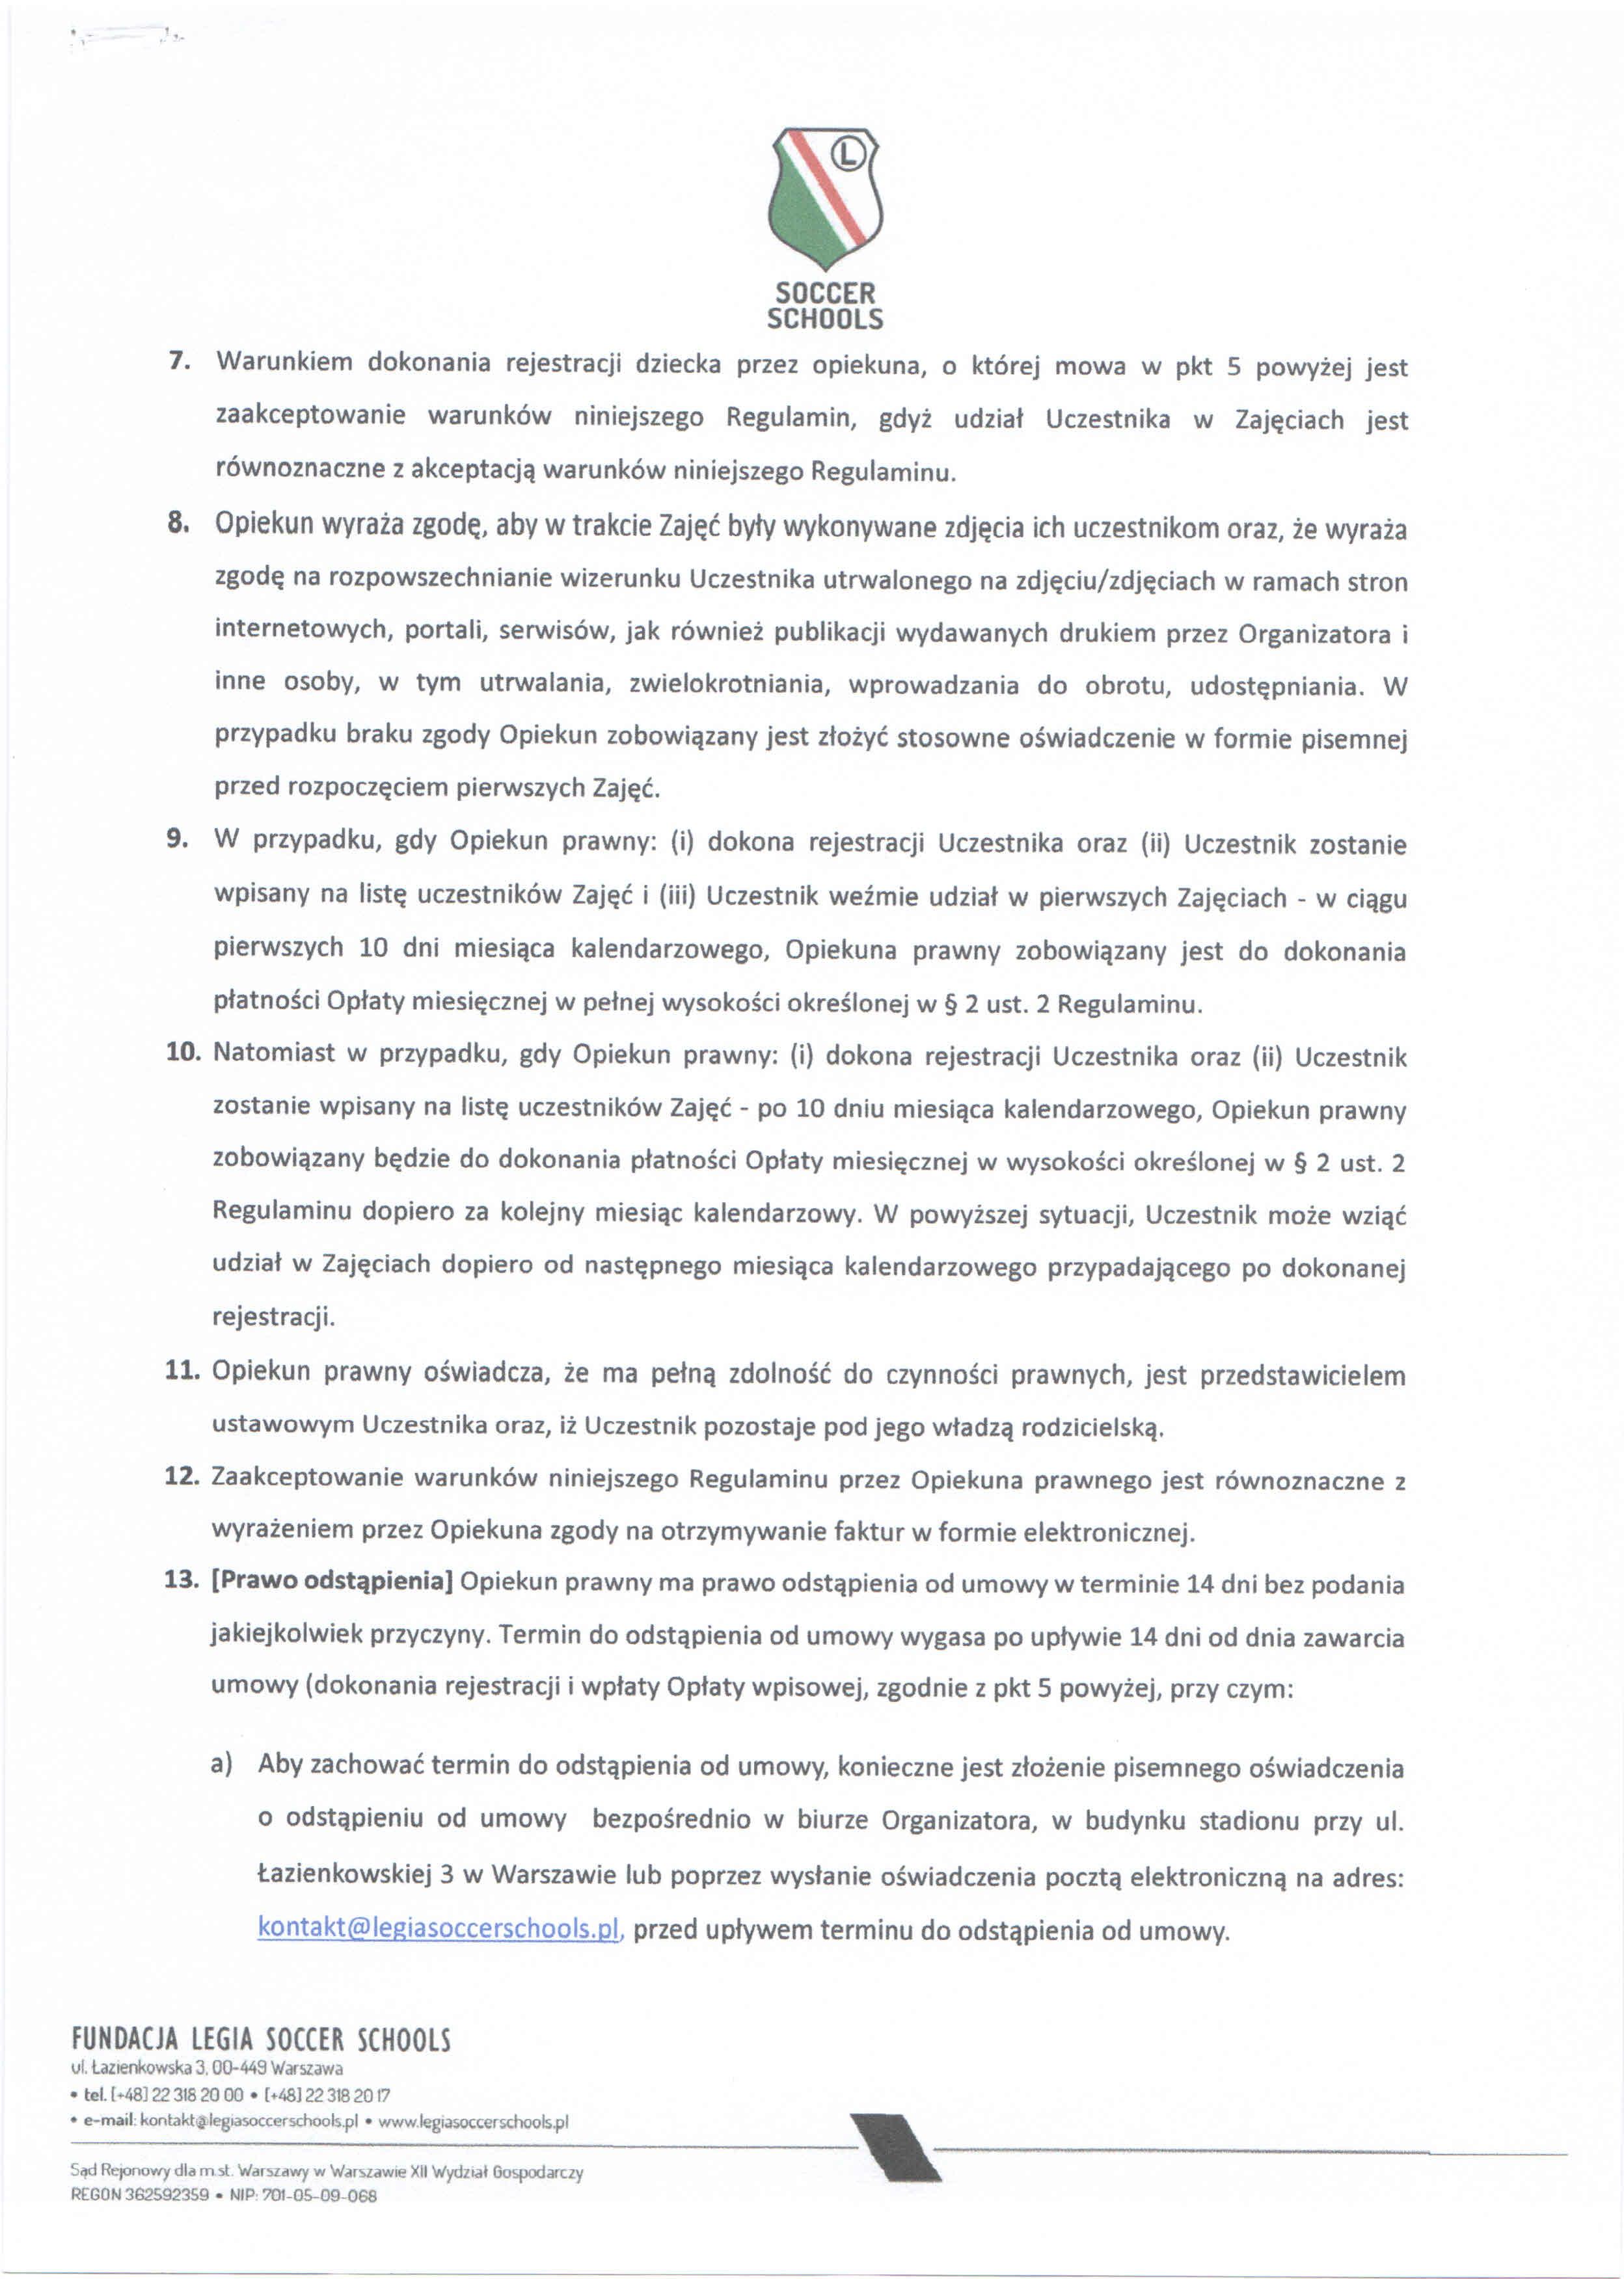 Regulamin_zajęć_LSS.1.jpg